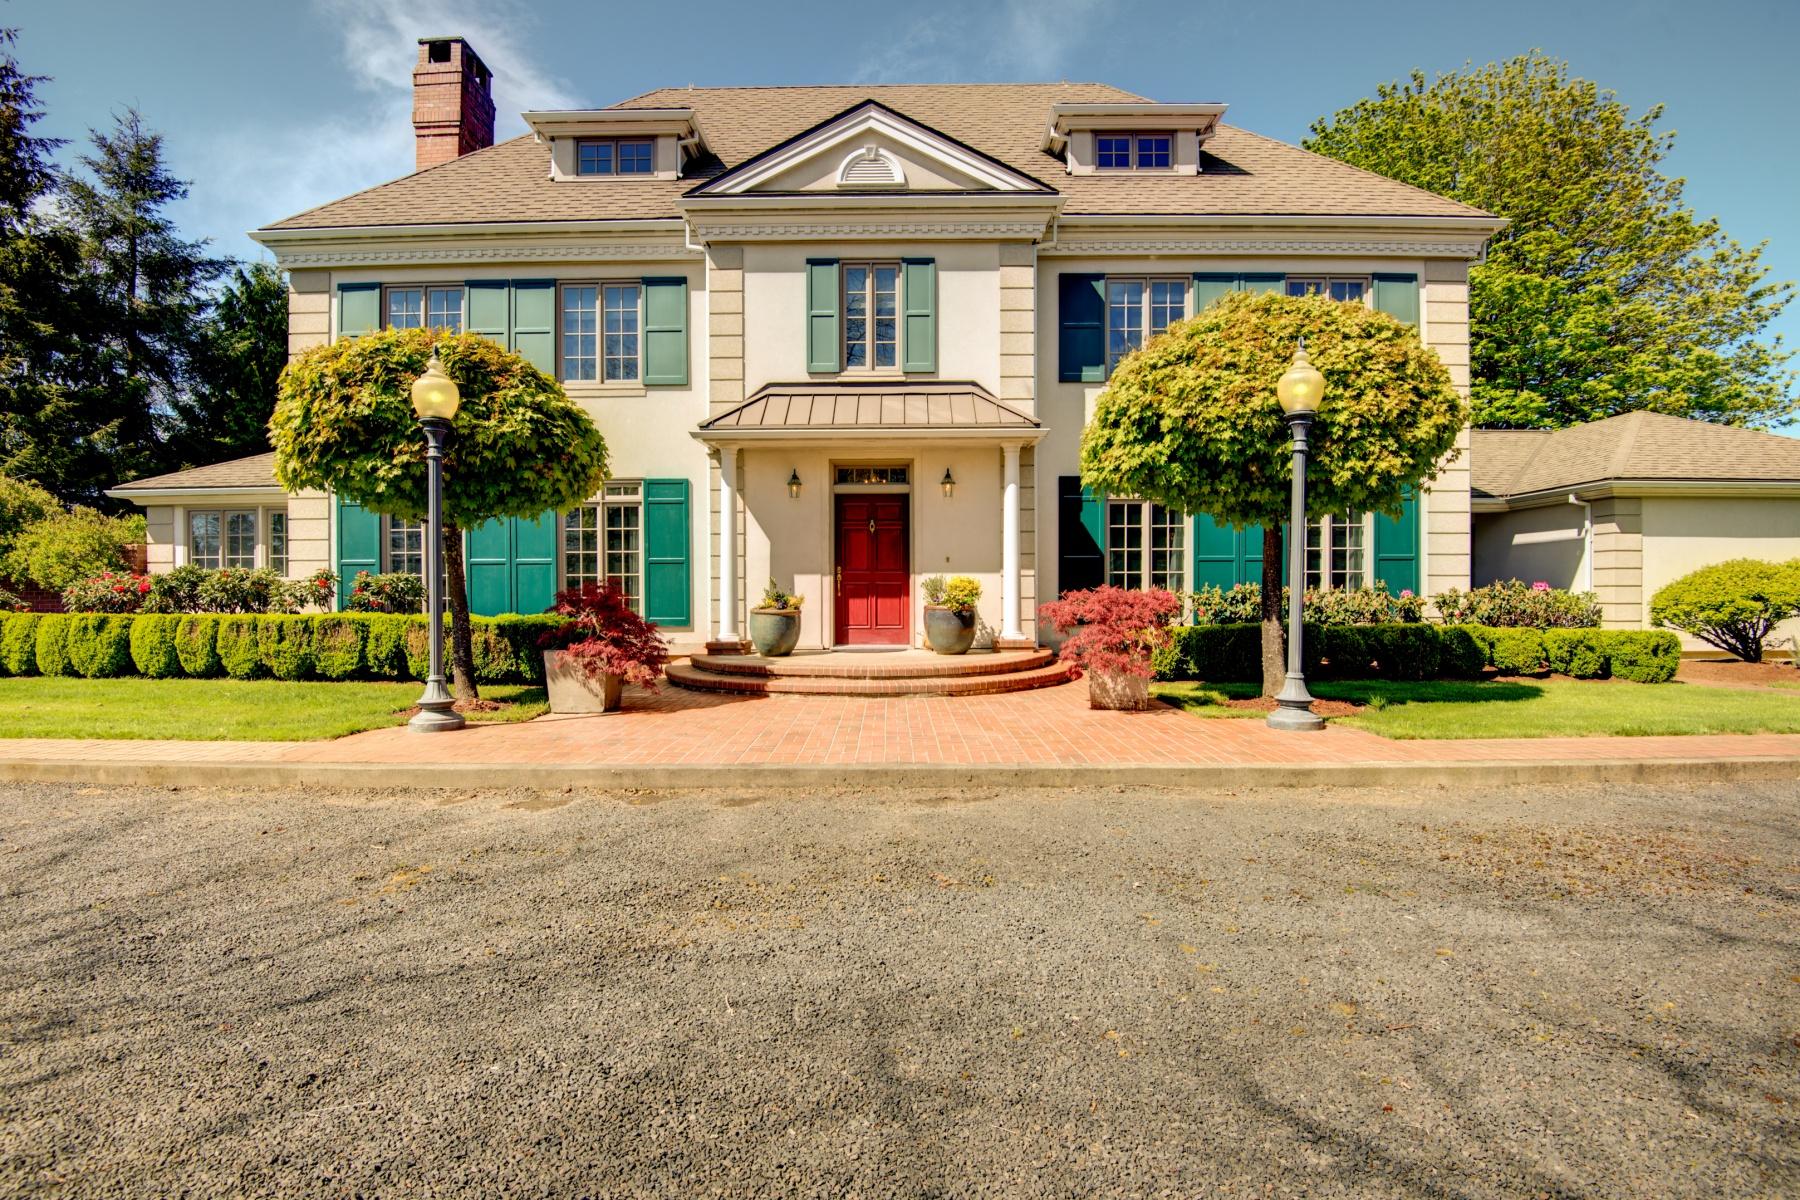 独户住宅 为 销售 在 Exquisite Georgian Estate on 5 Acres 805 LONE OAK RD 长景市, 华盛顿州 98632 美国